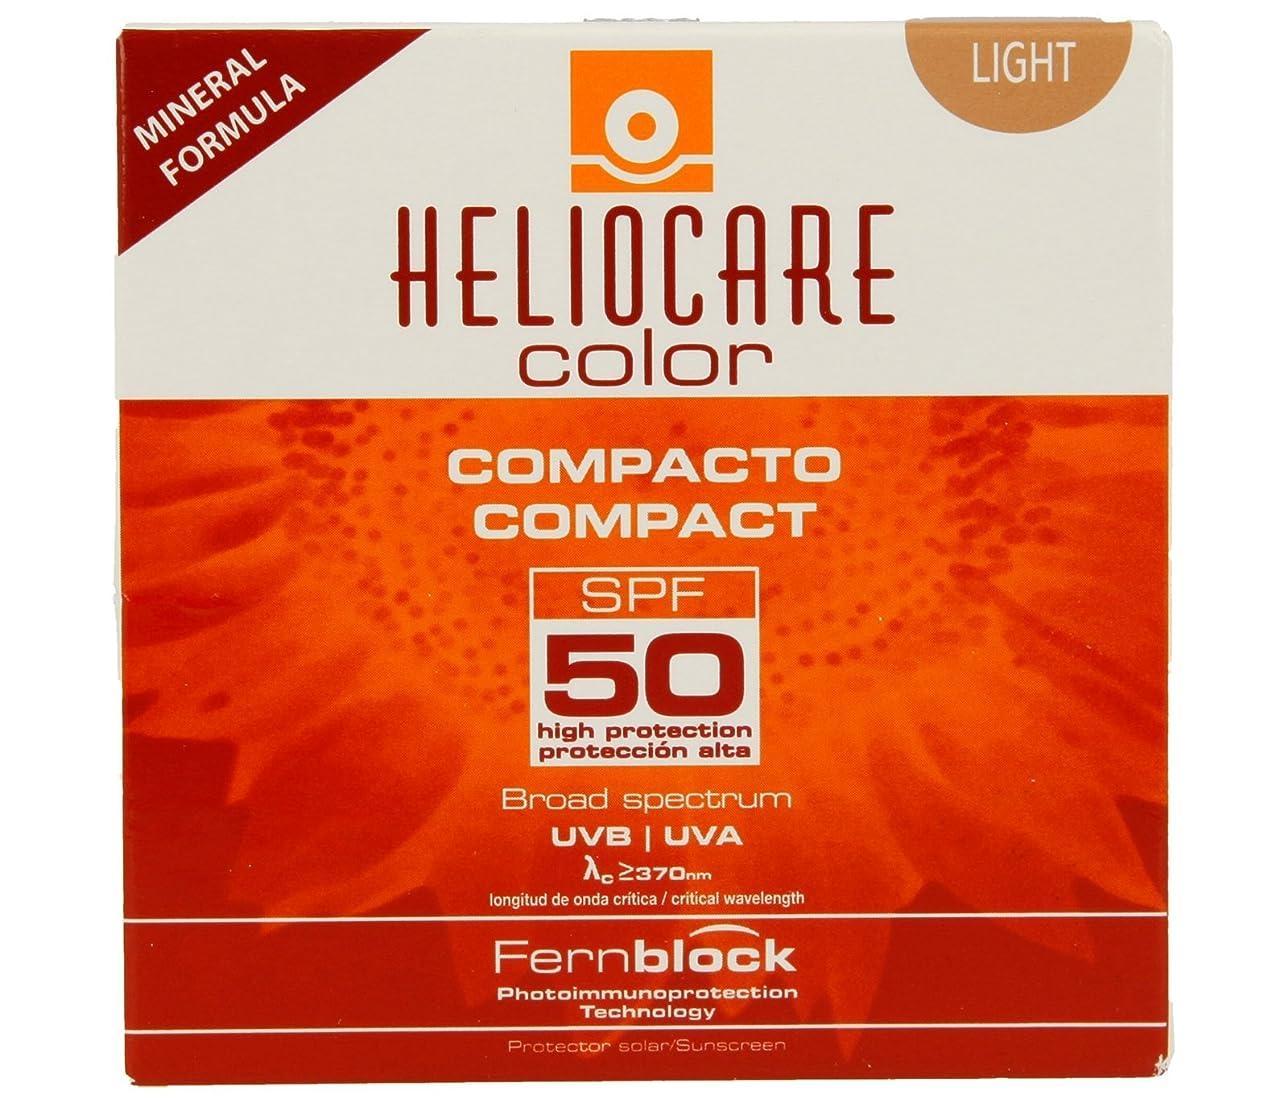 からかう顔料乱用Heliocare 50コンパクトパウダーカラーライト10グラム